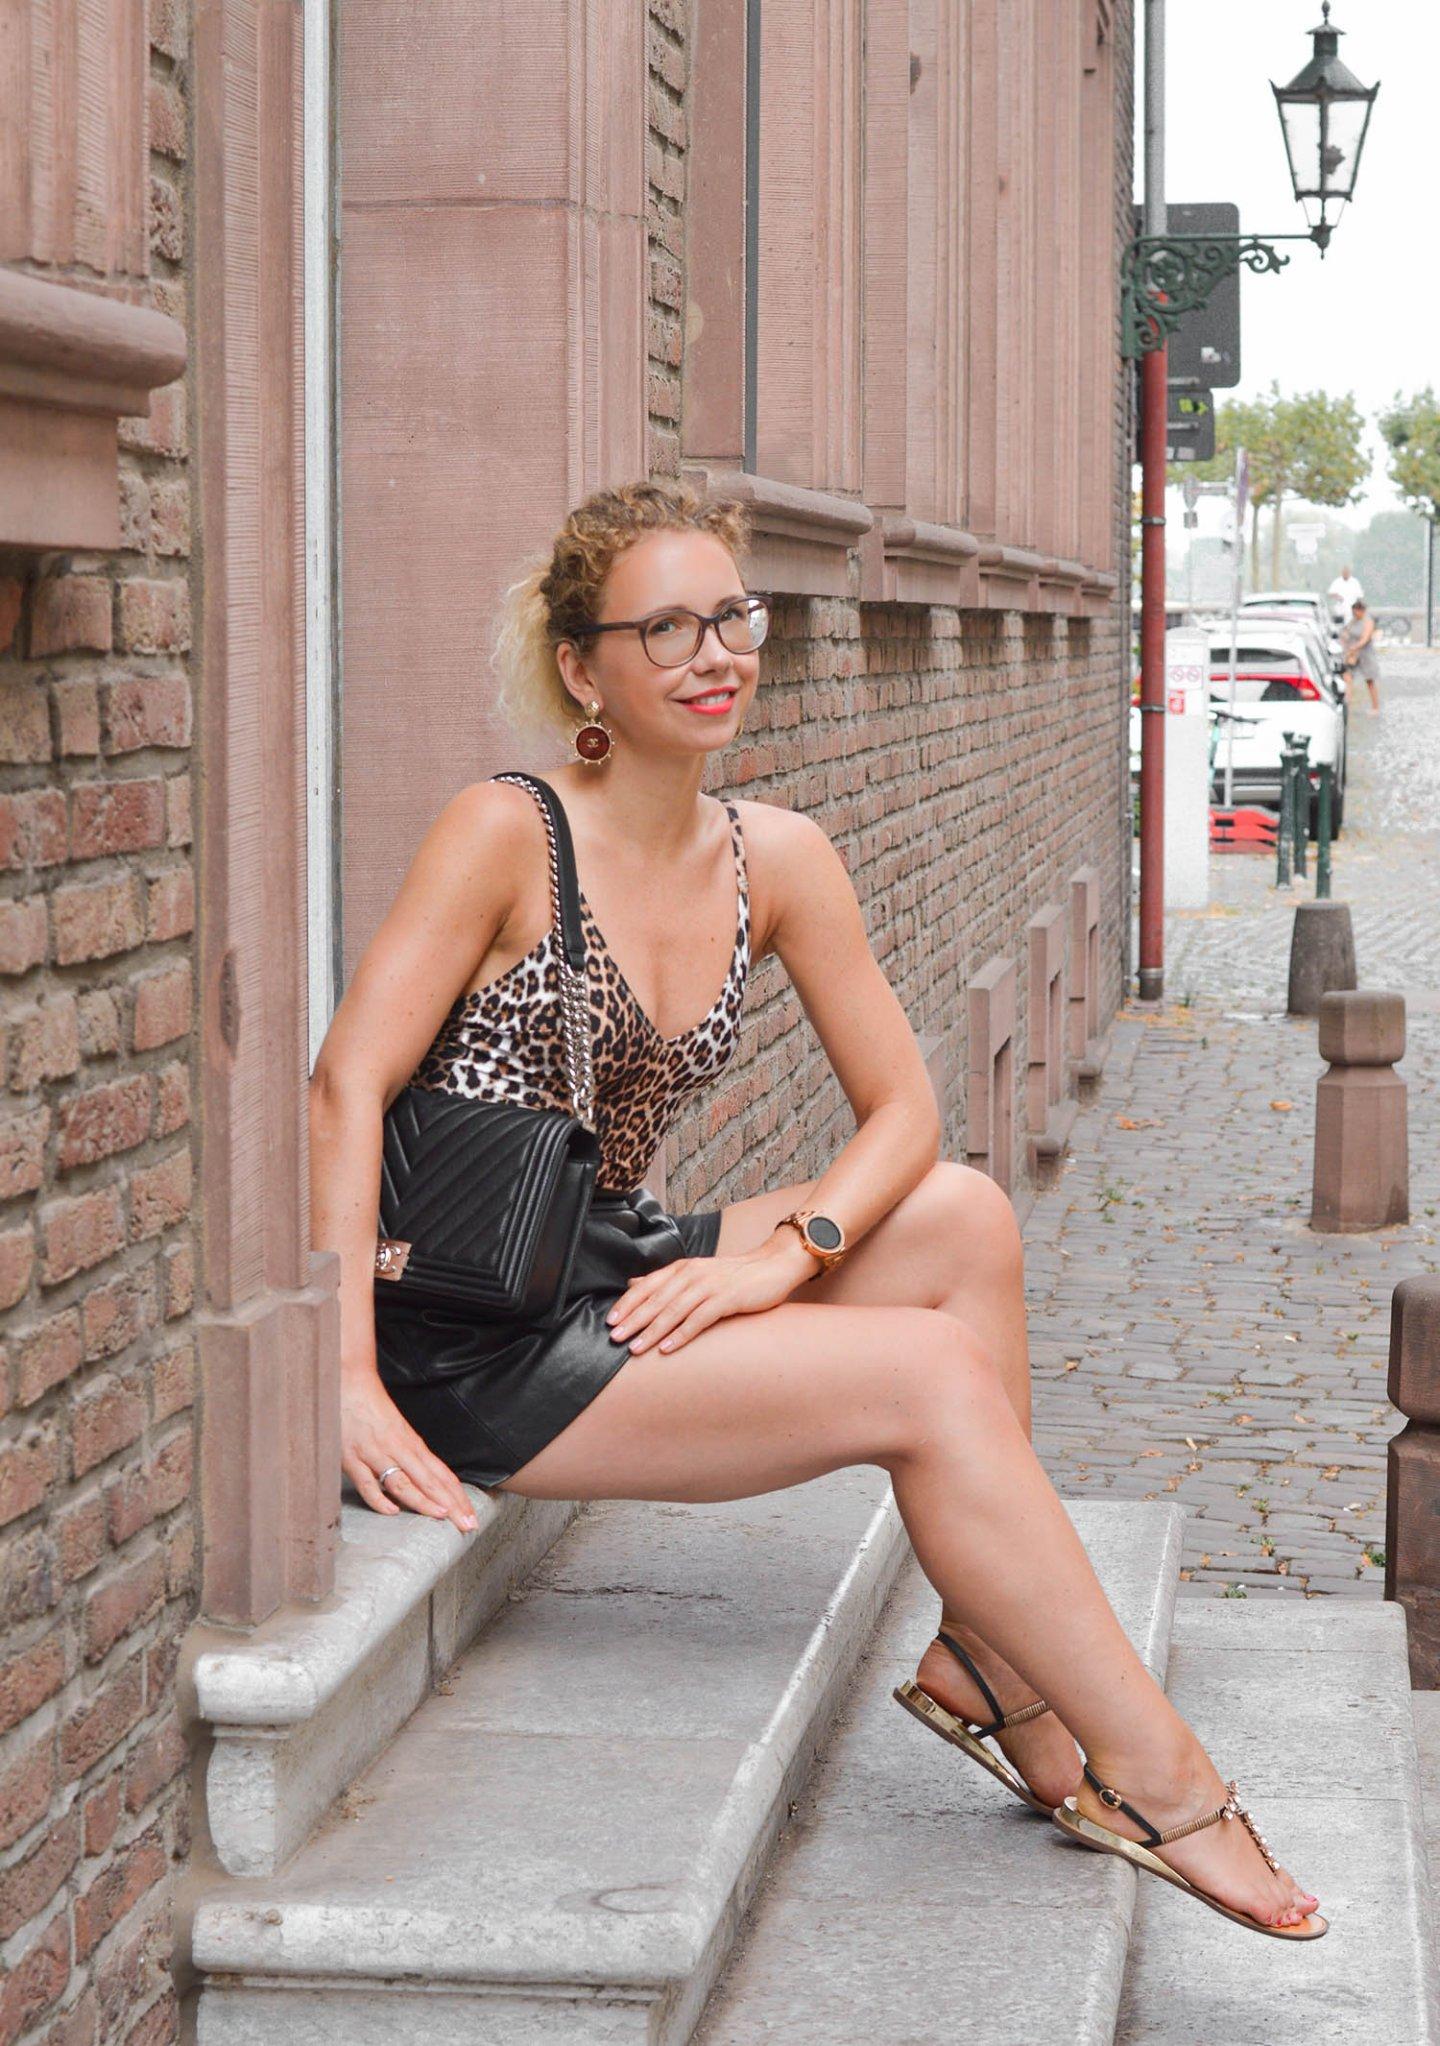 Leobadeanzug mit Ledershorts und Chanel Tasche